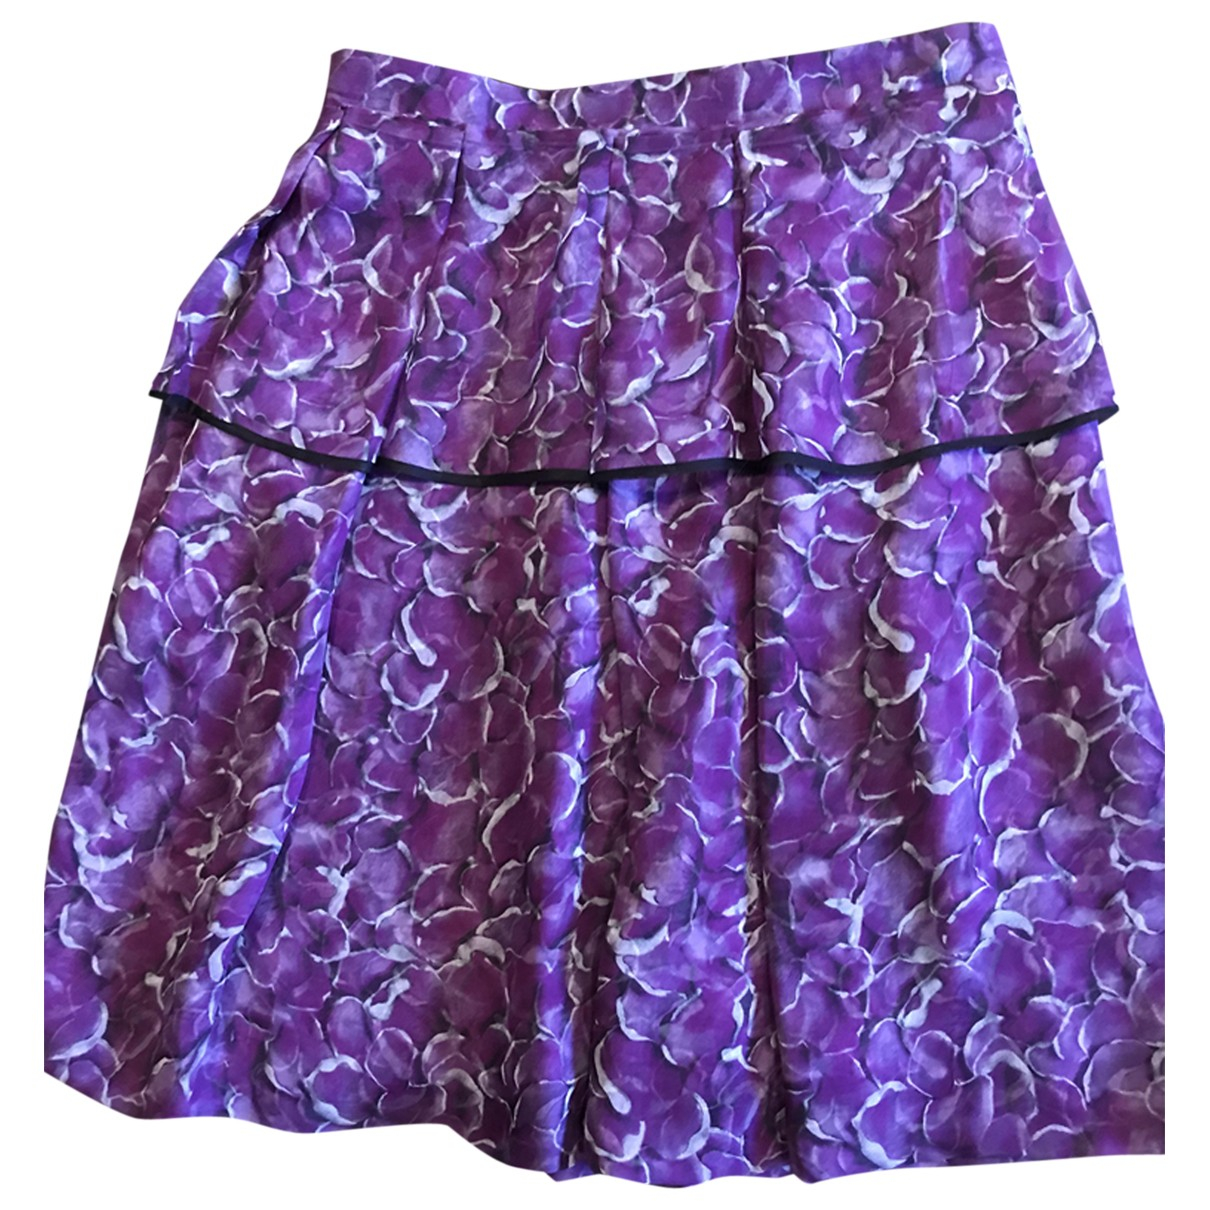 Yves Saint Laurent - Jupe   pour femme en soie - violet